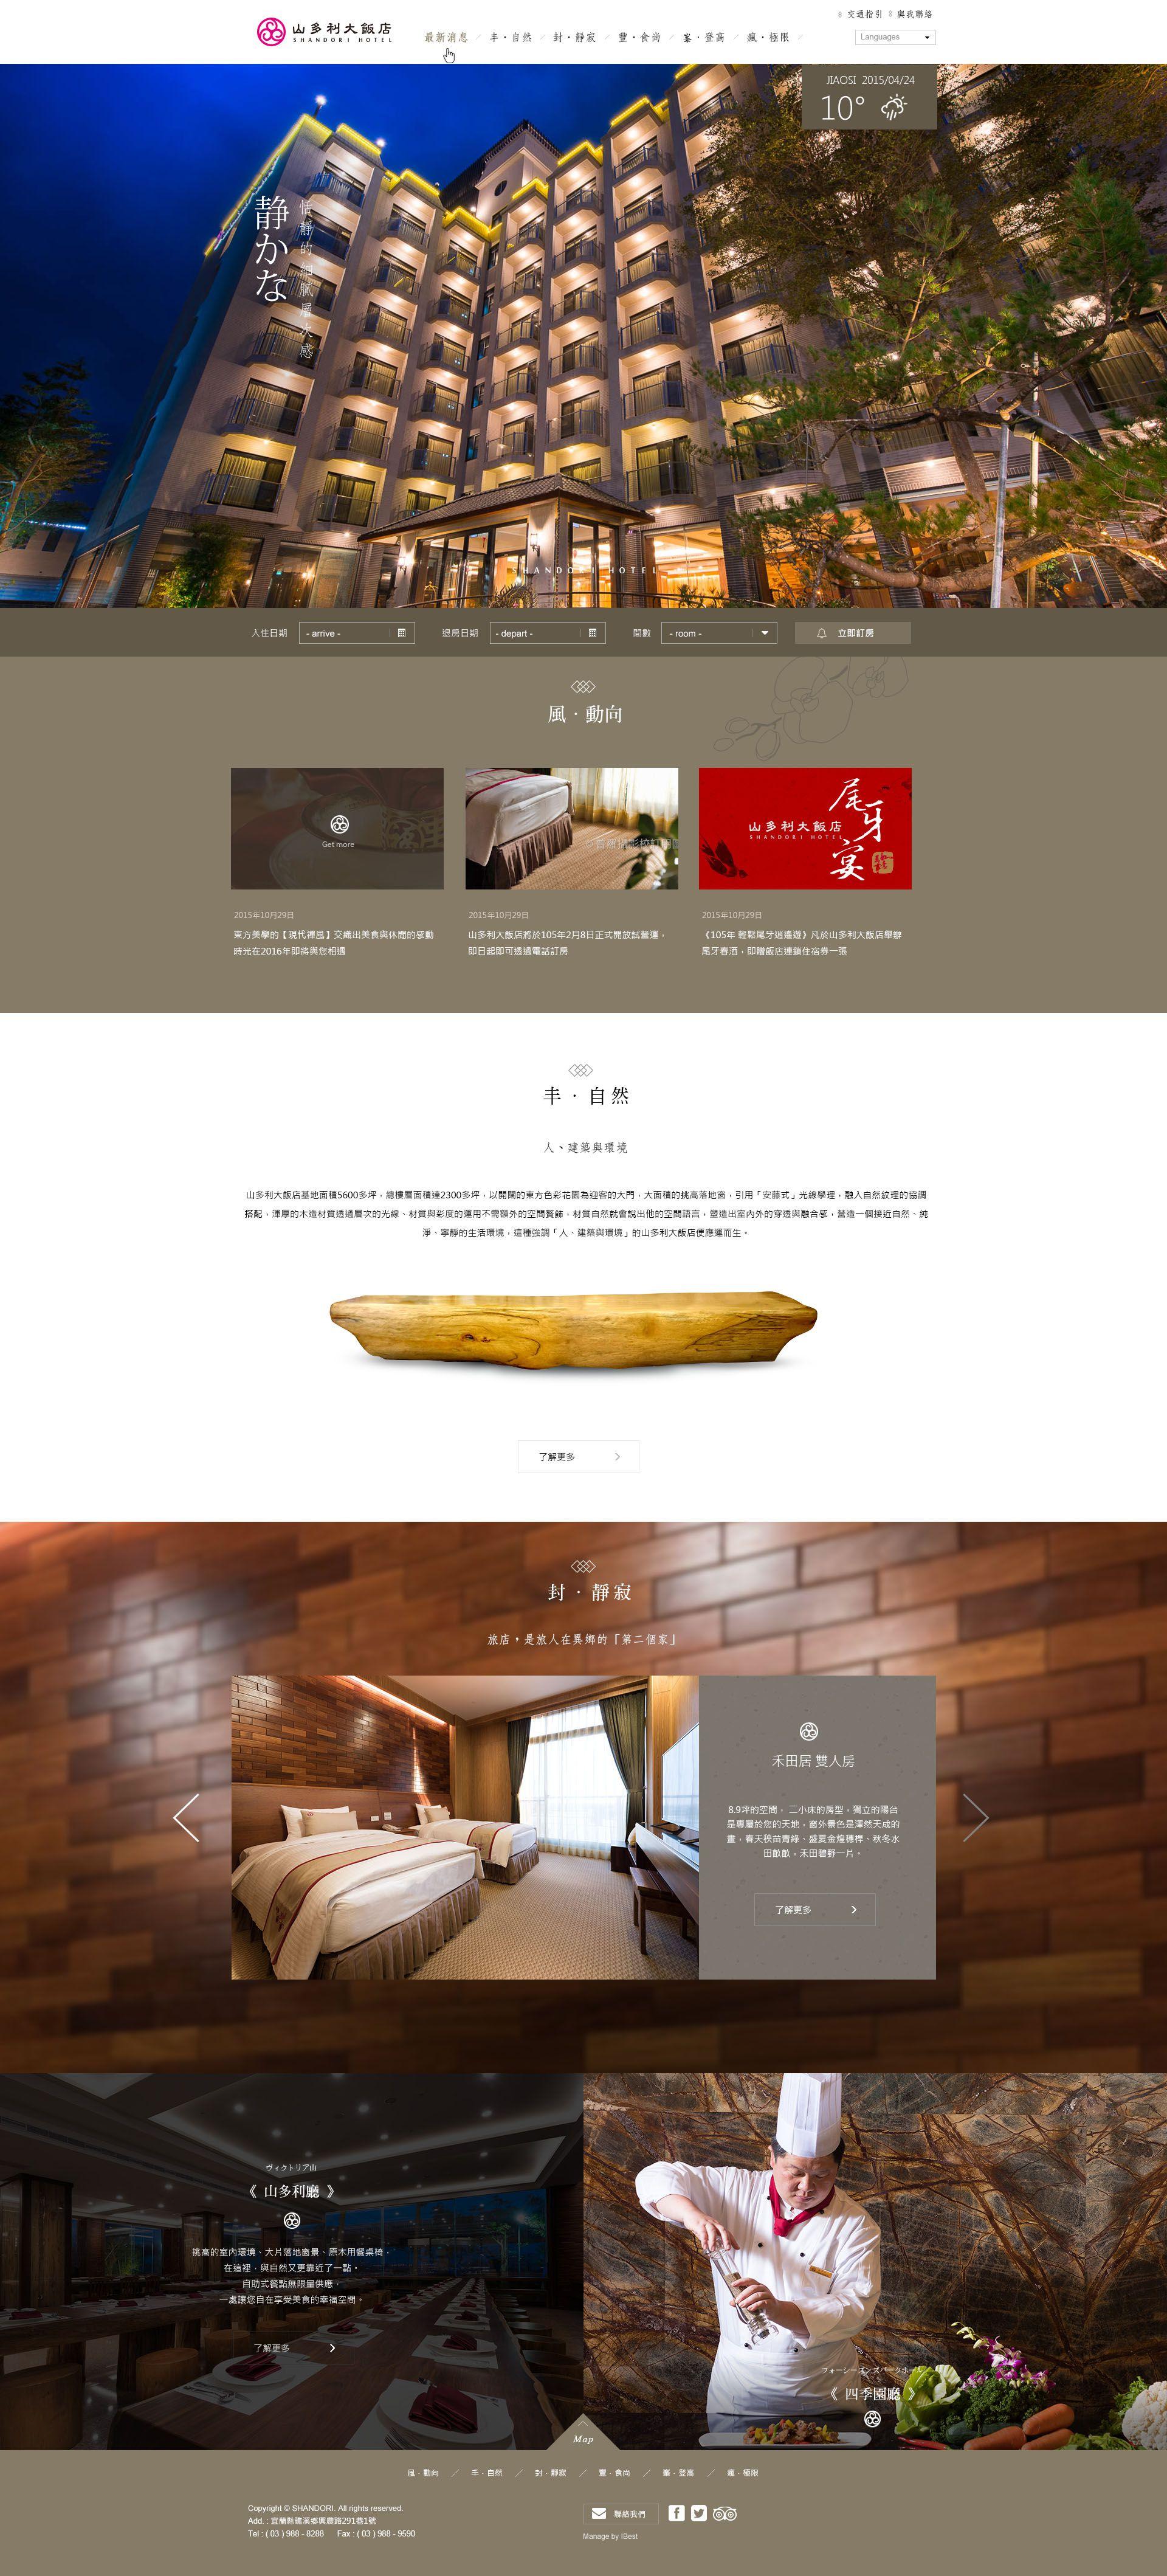 礁溪山多利大飯店-網頁設計